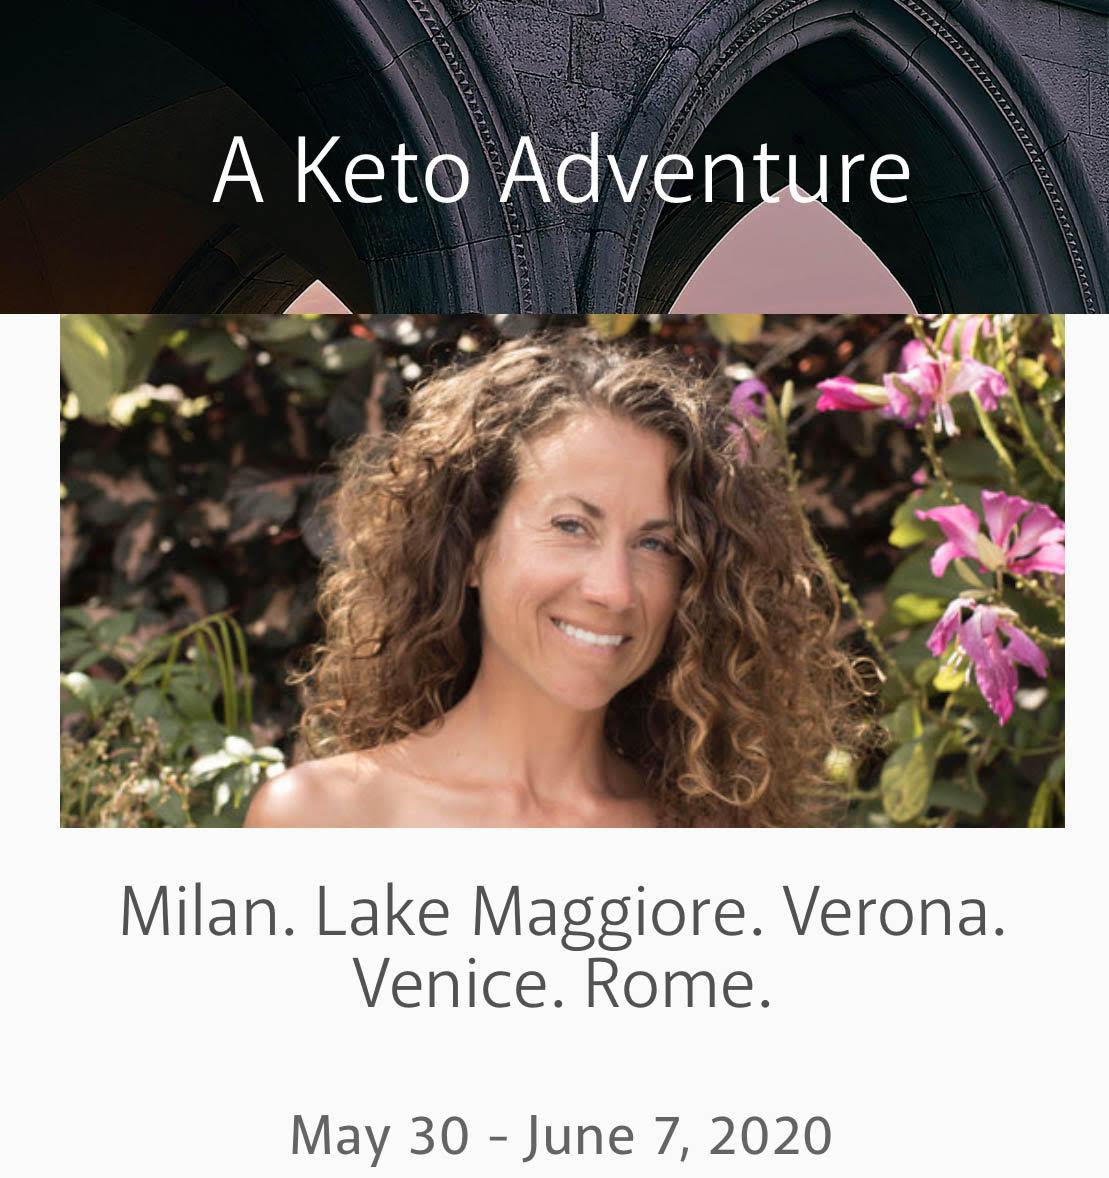 Italy Adventure